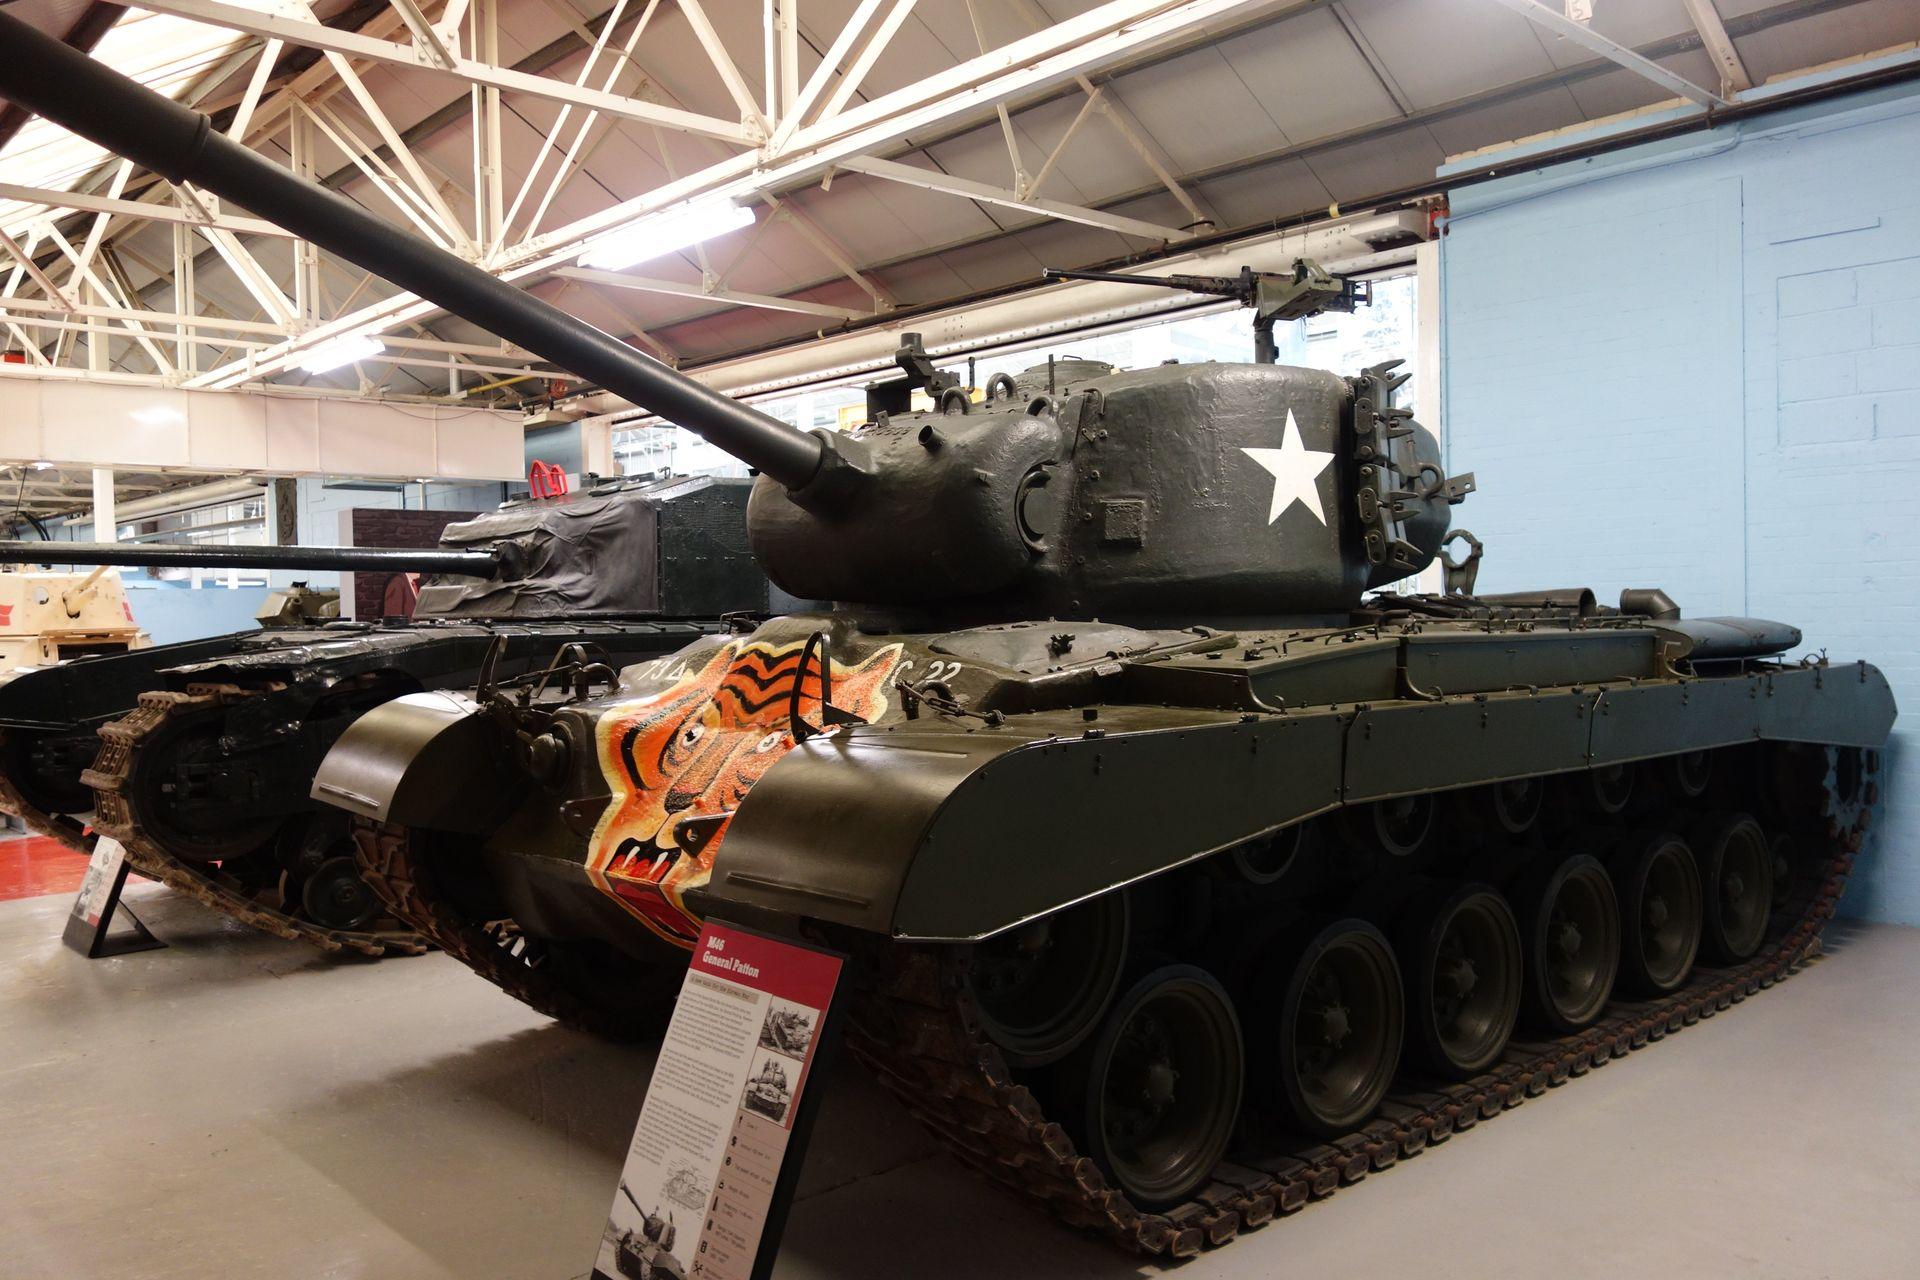 ボービントン戦車博物館にあるユニークな塗装も含めてレストアされたM46 Patton